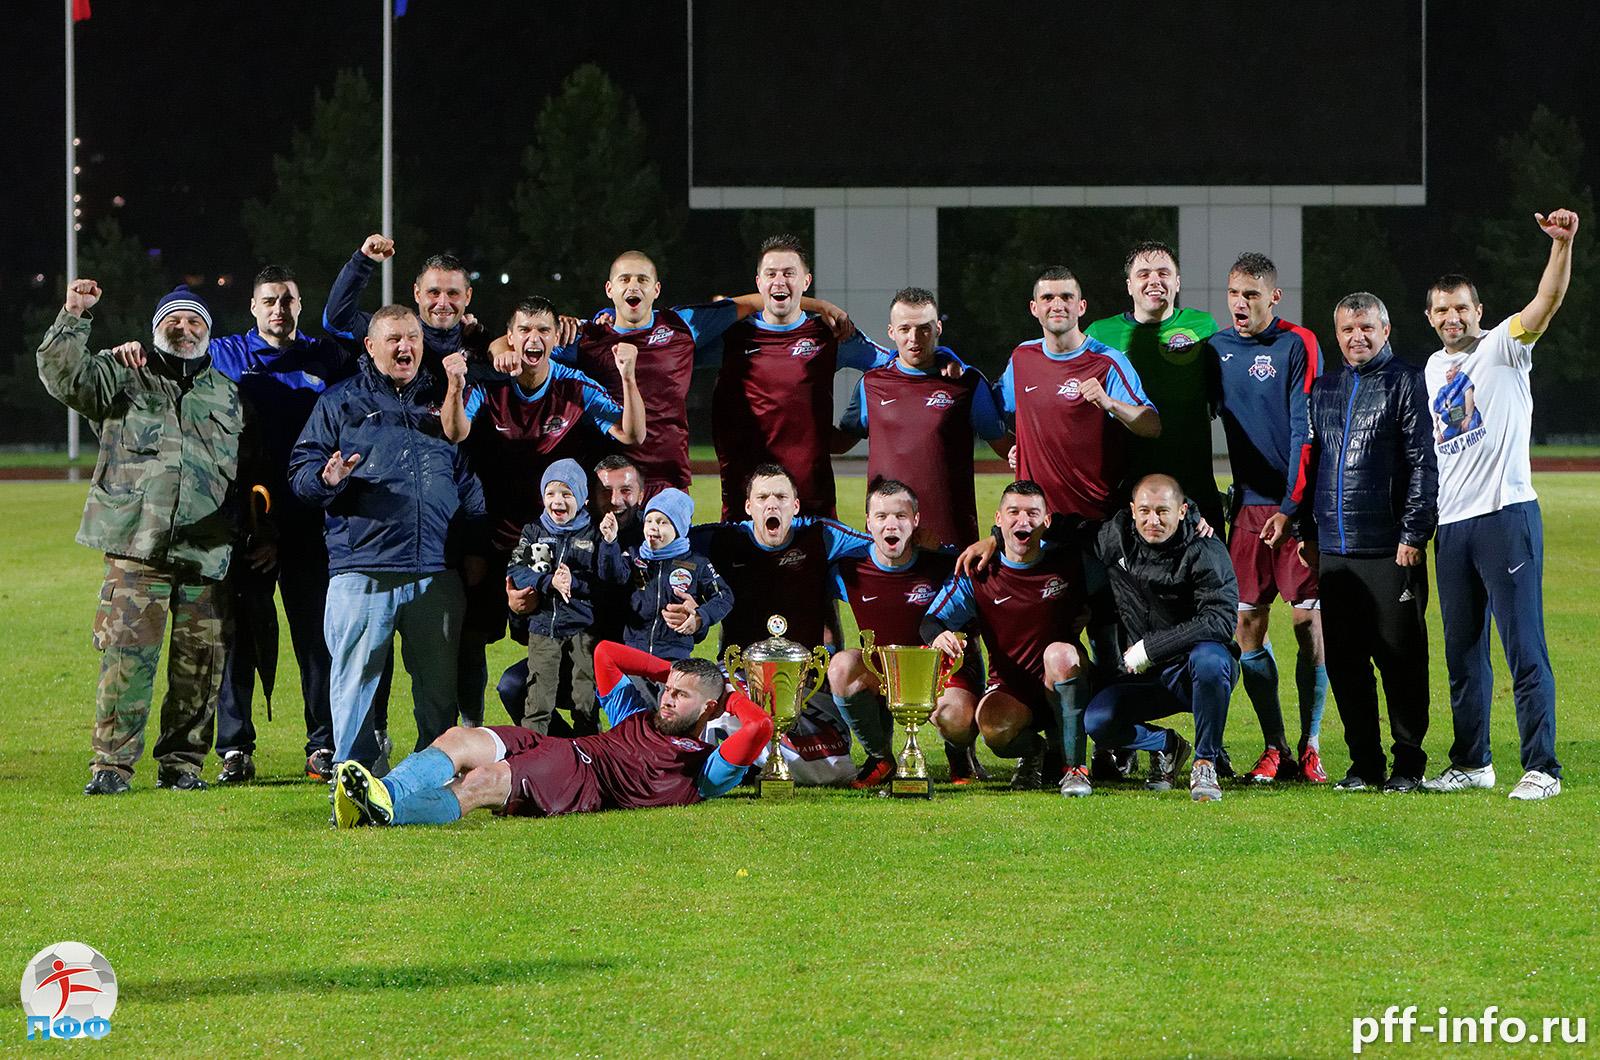 «Десна» стала чемпионом Подольска по футболу. Обзор решающих матчей